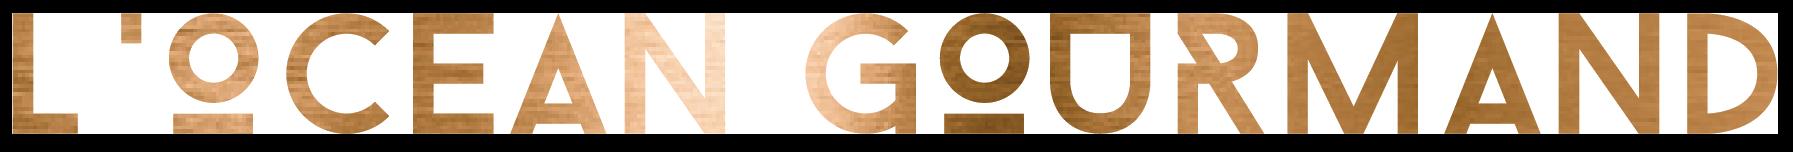 Logo l'océan gourmand